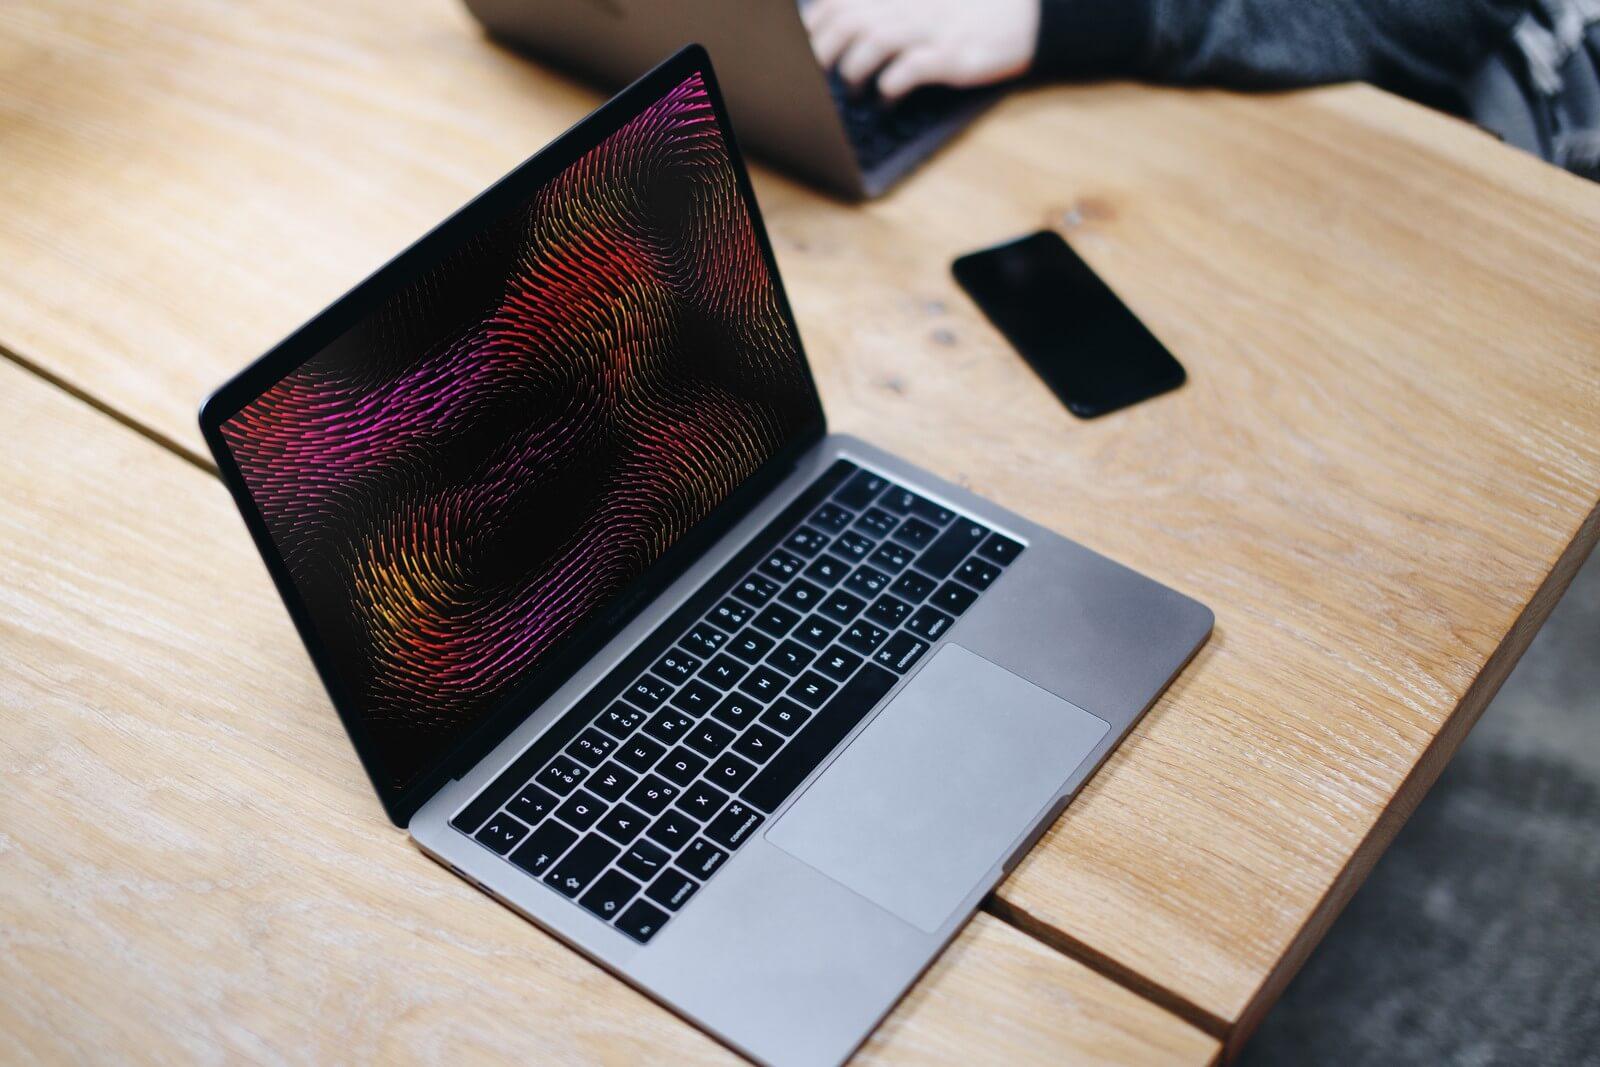 Пользователи Mac на M1 жалуются на произвольное включение заставки компьютера